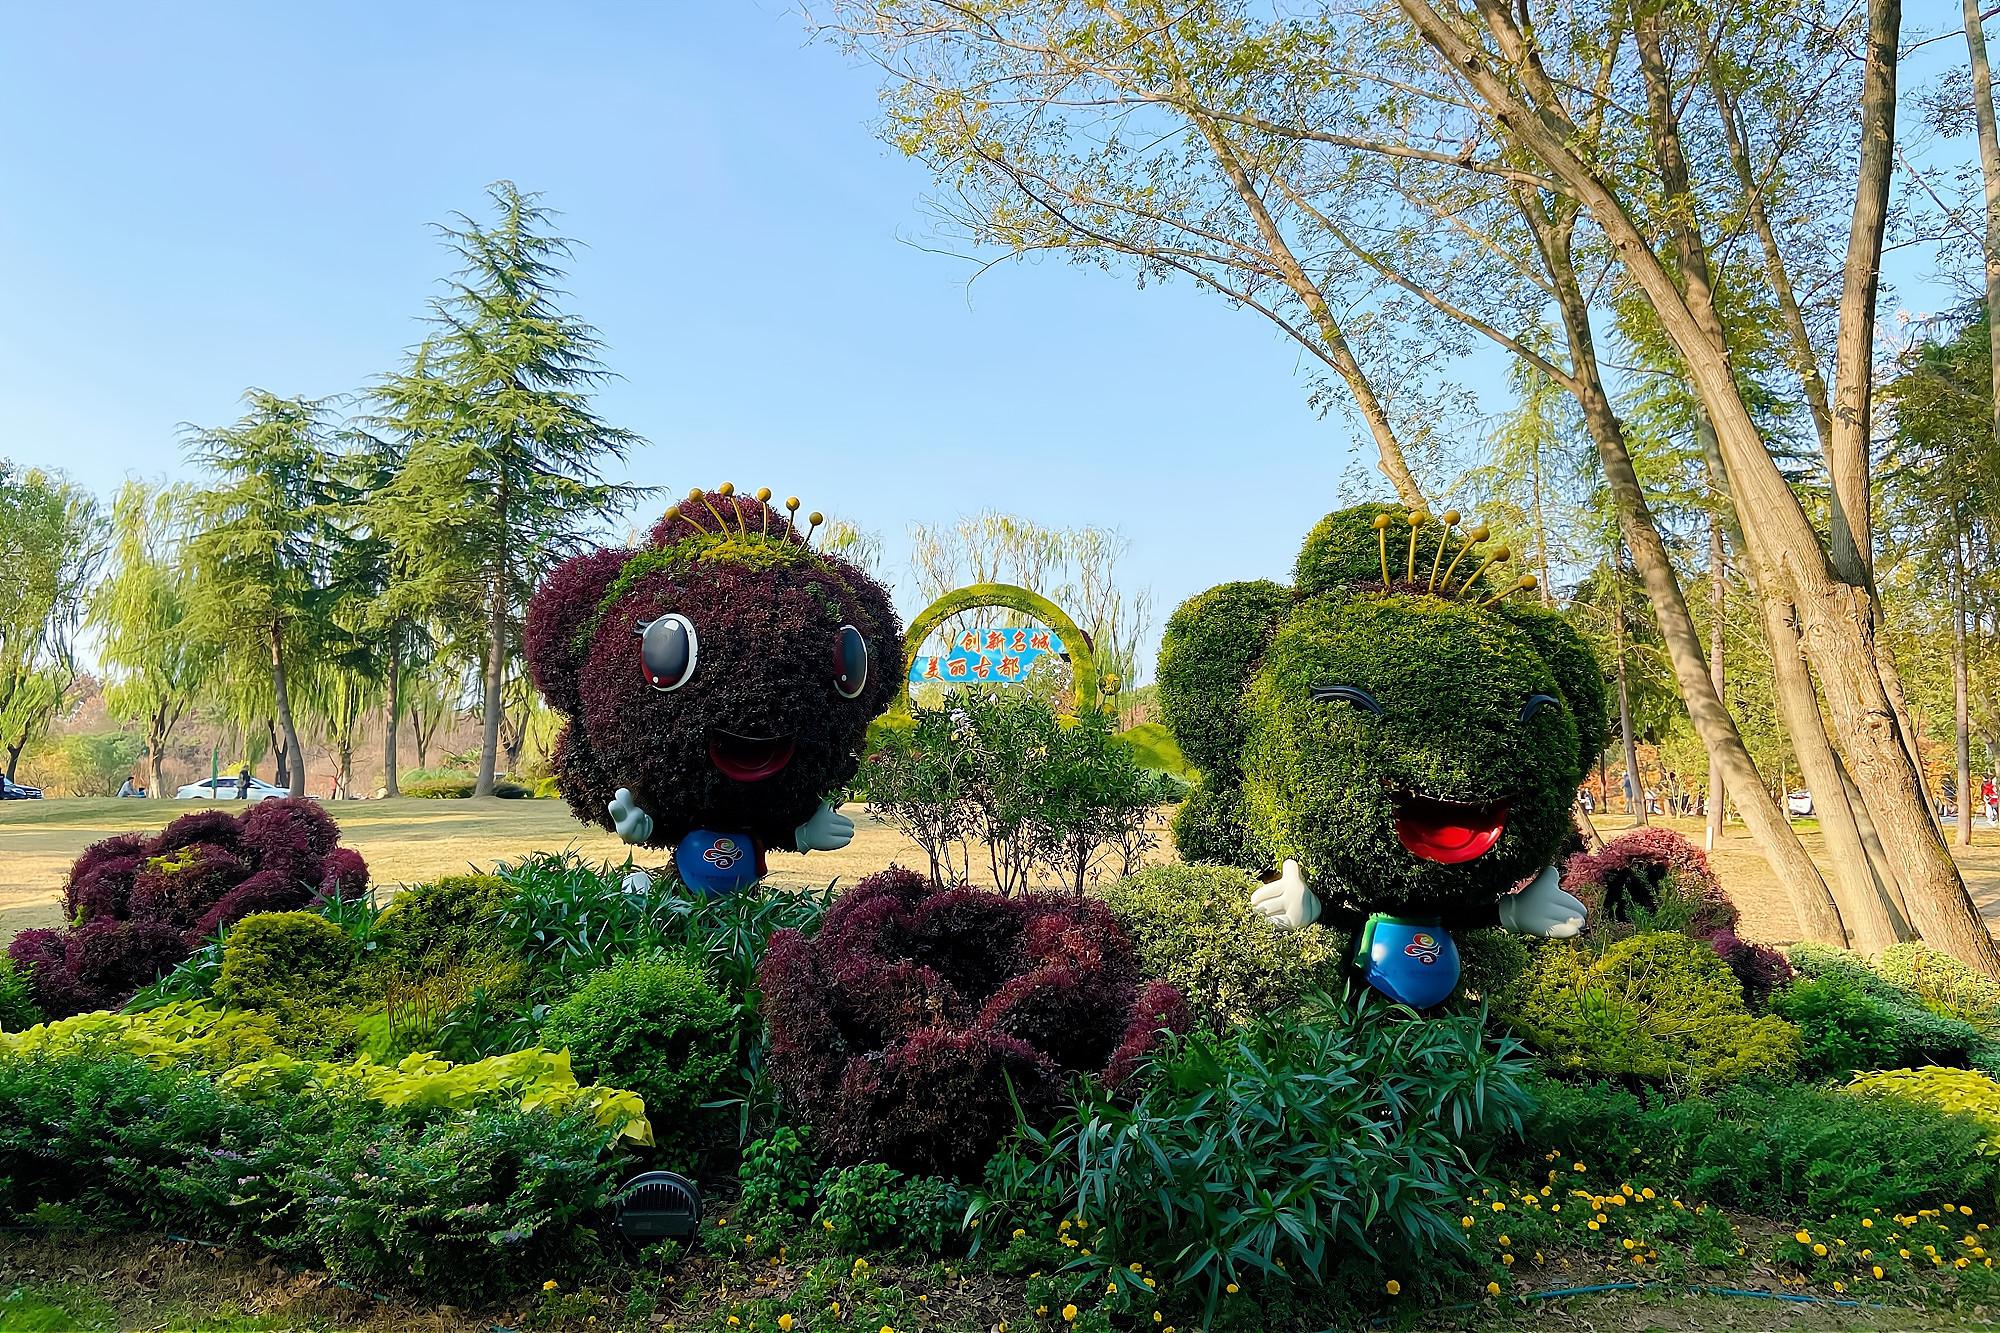 南京明孝陵不只有石象路,还有五彩缤纷的水杉林,已到最佳观赏期